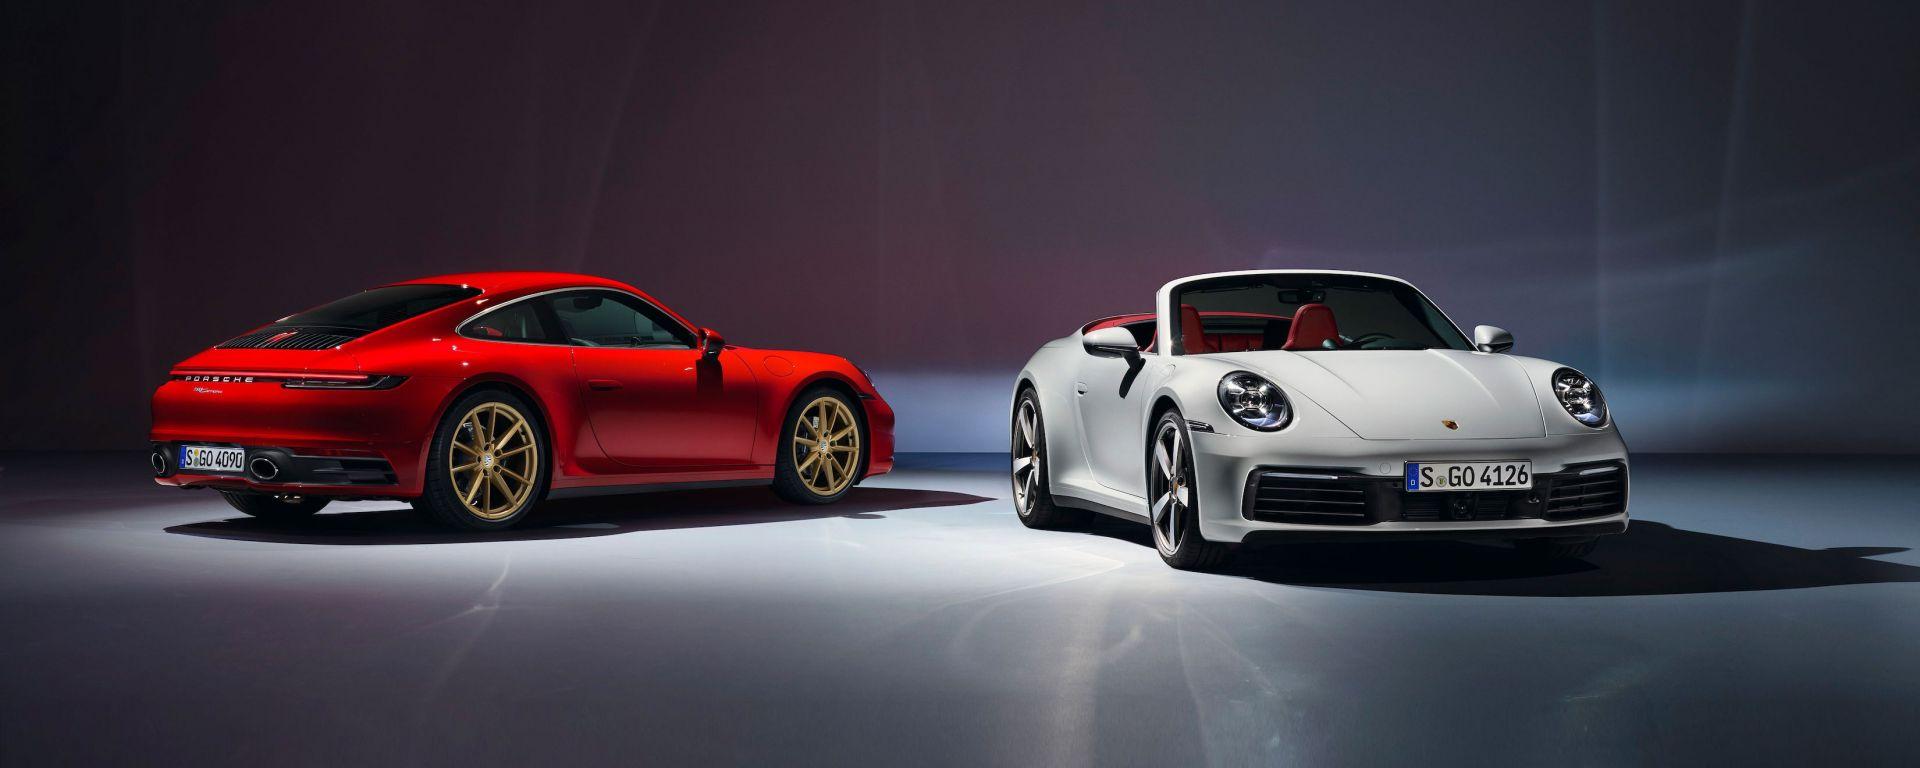 Porsche 911 Carrera Coupé e Cabriolet 2019: le due vetture